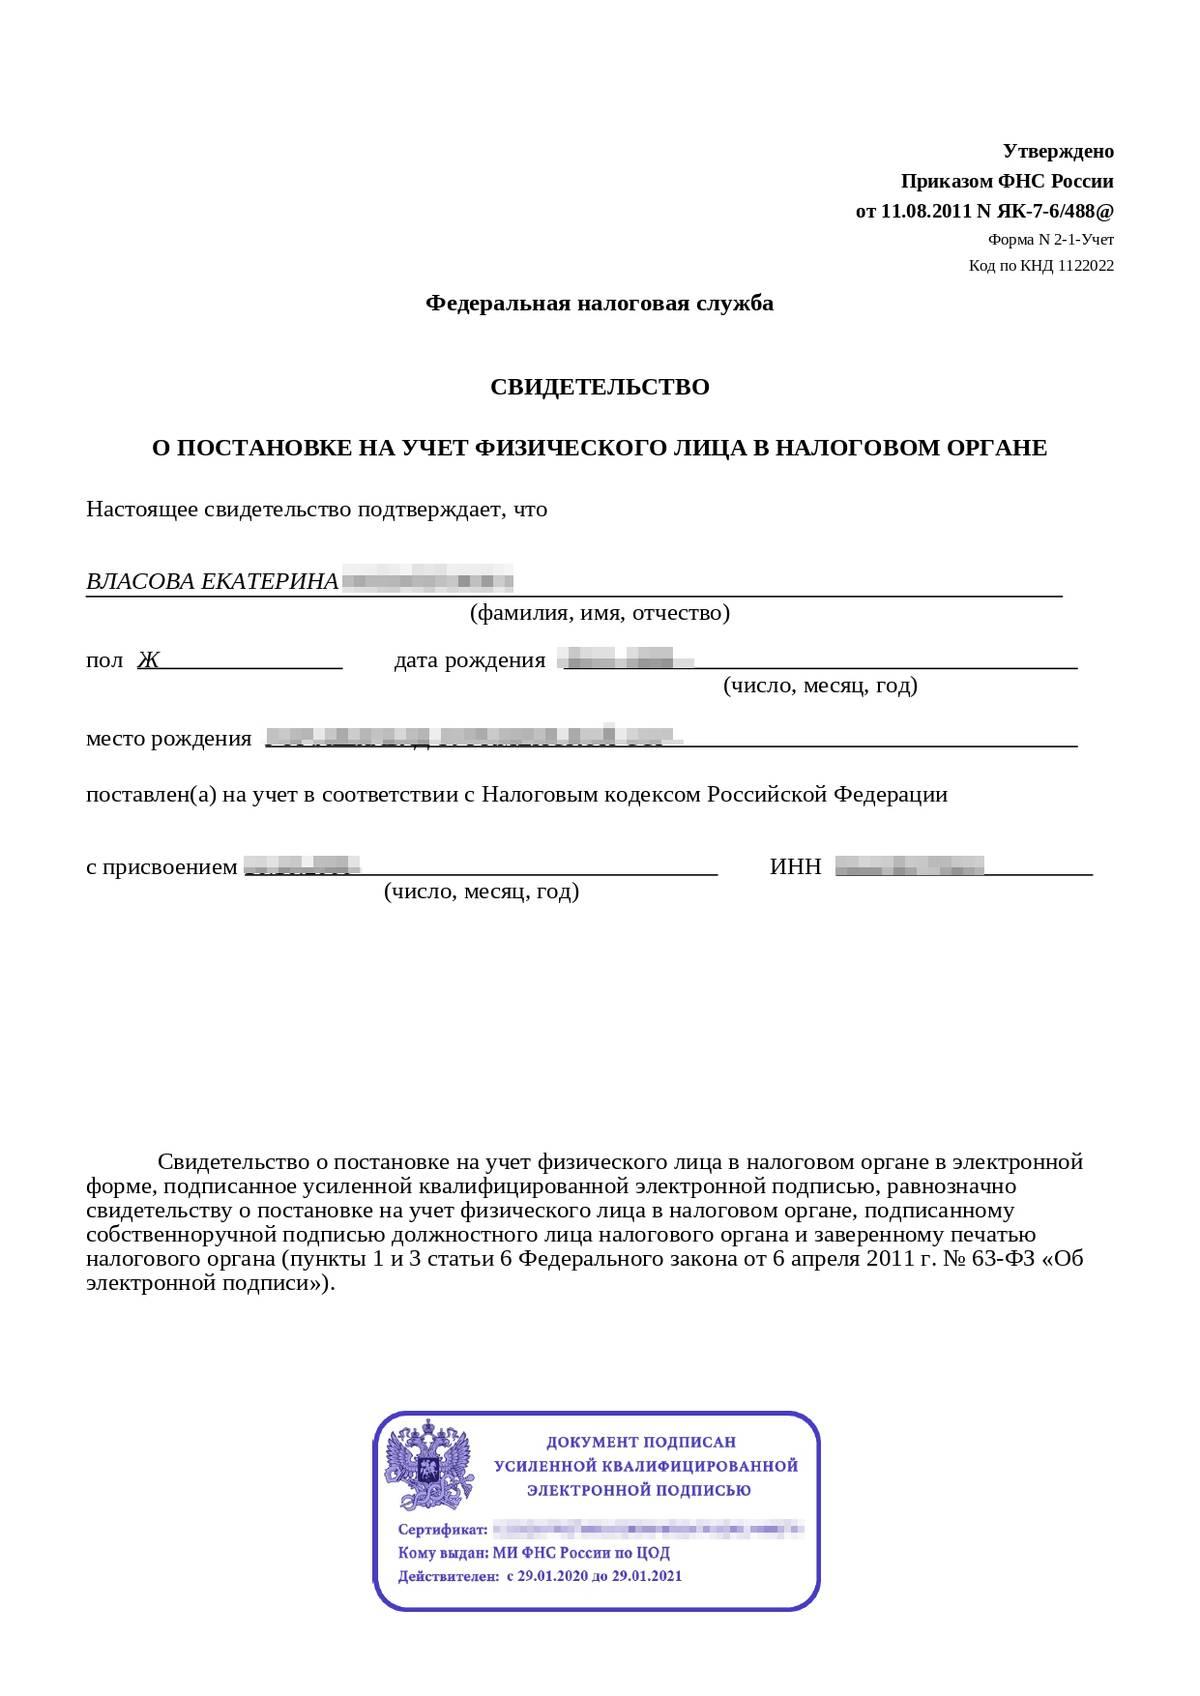 Электронное свидетельство заверено УКЭП, печати и подписи должностного лица нет